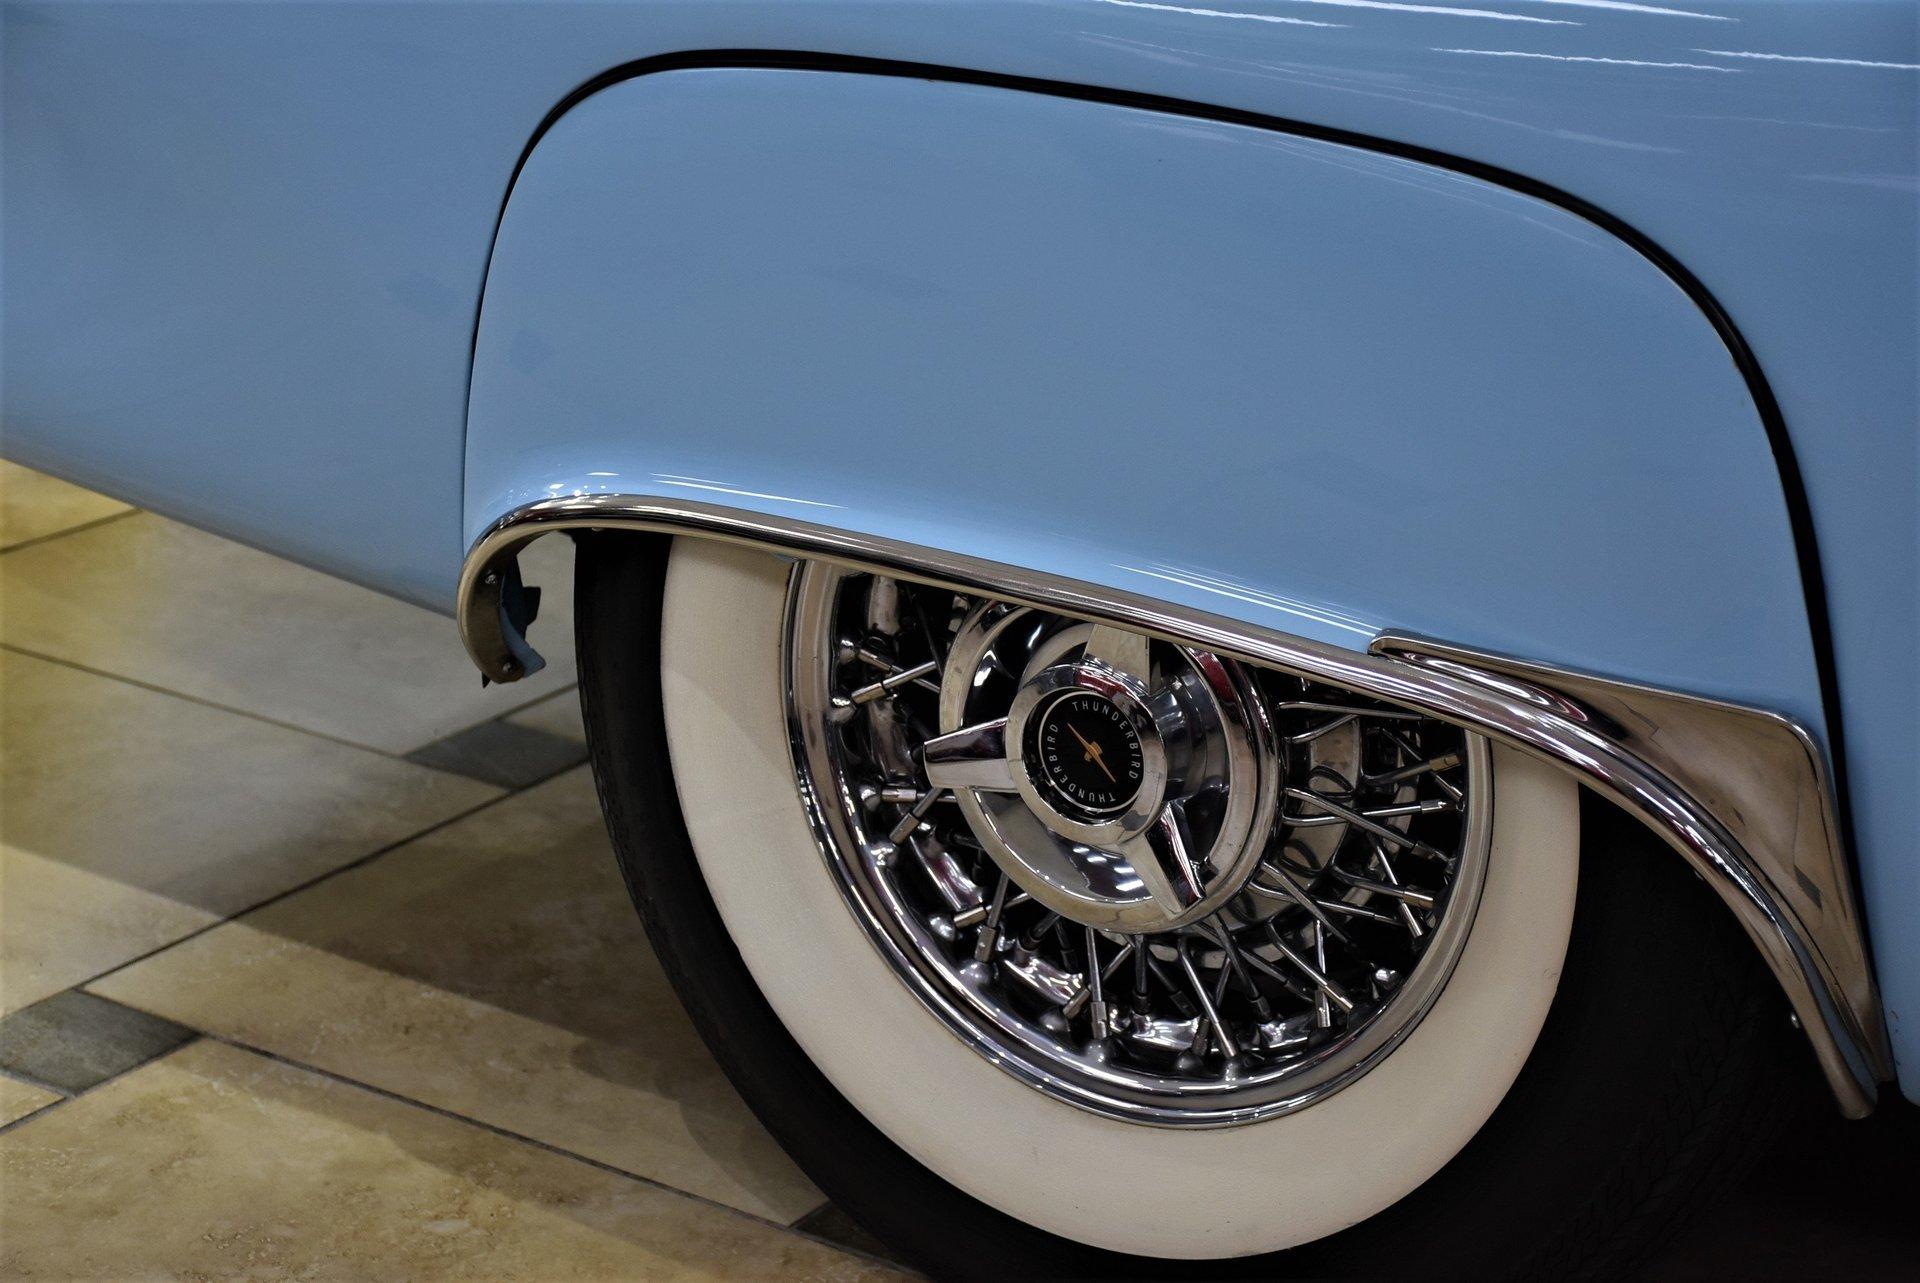 1957 Ford Thunderbird | Berlin Motors